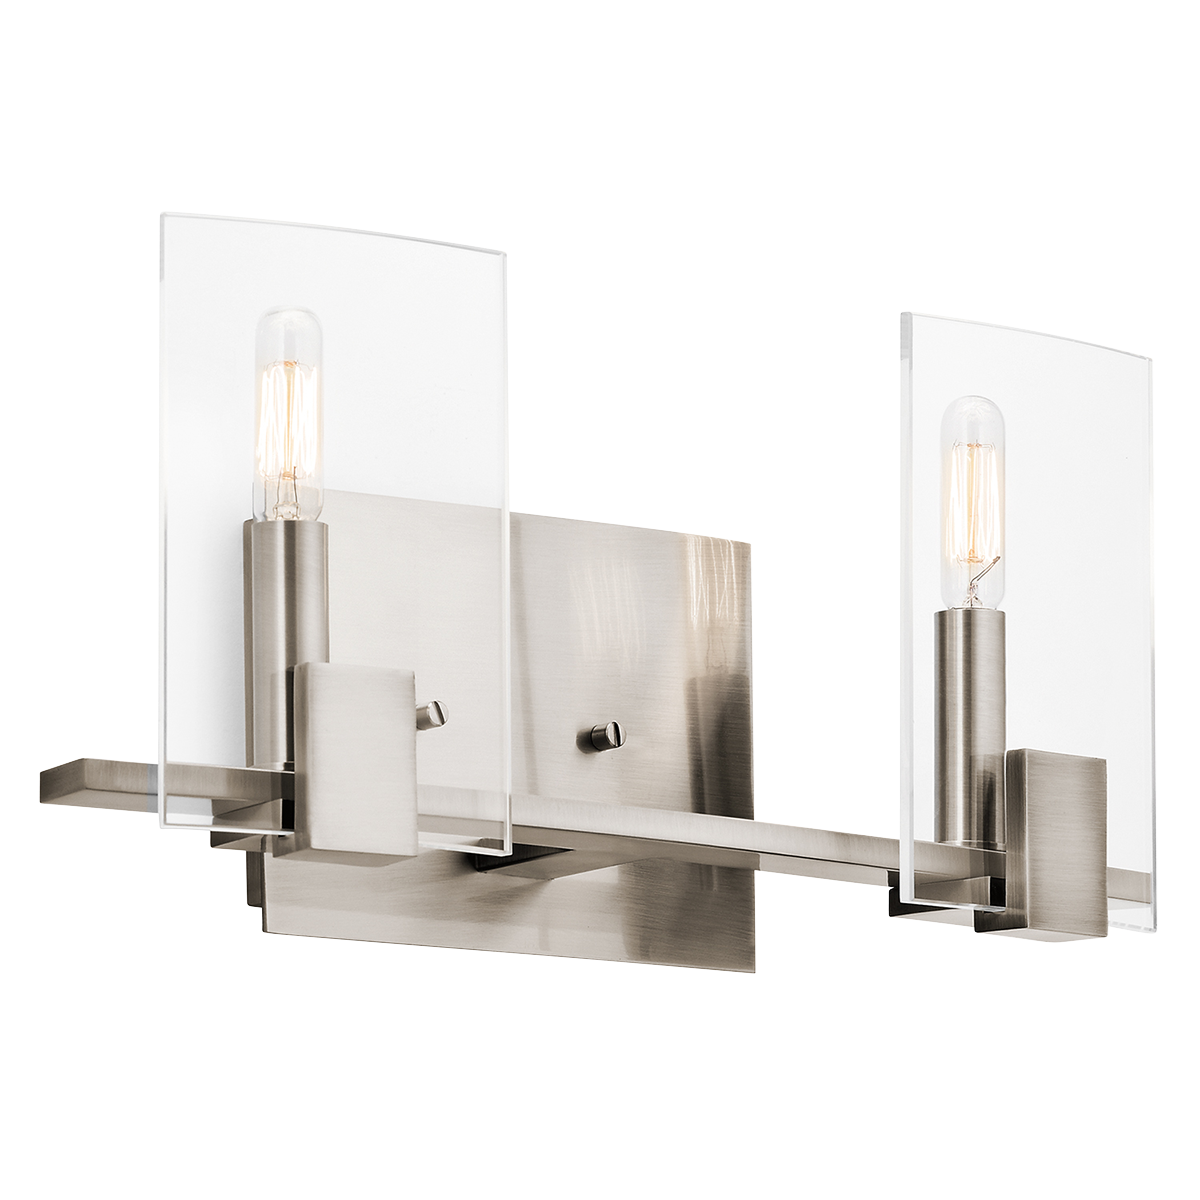 signata 2 light bath light in classic pewter bathroom fixtures